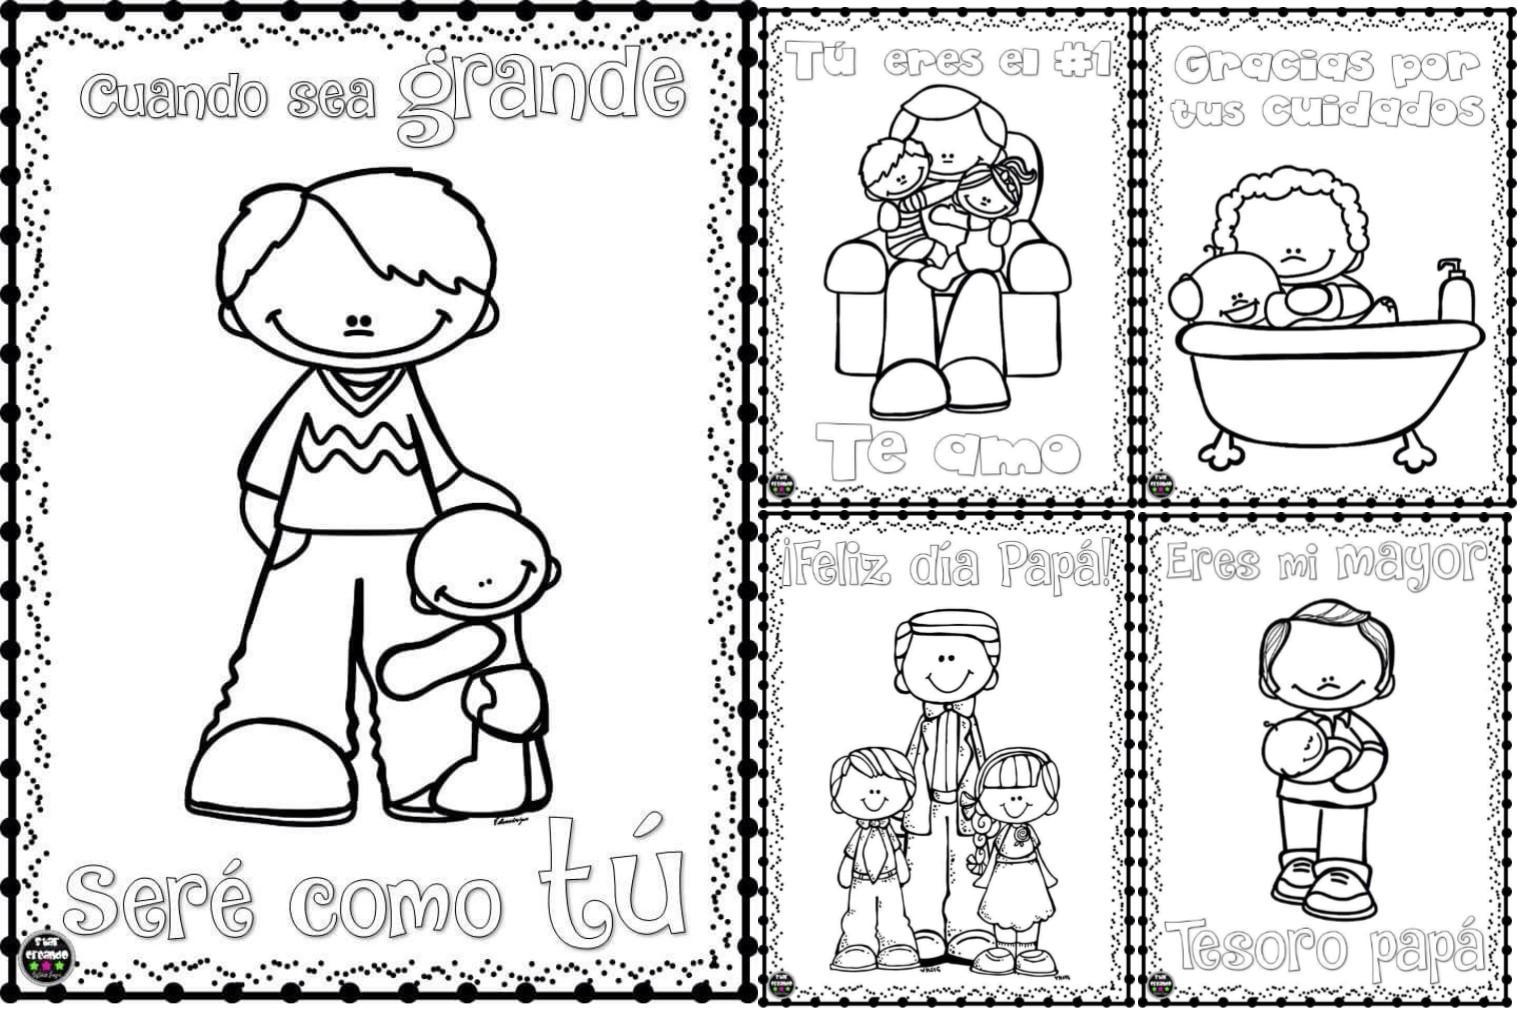 Lindos dibujos para colorear y celebrar el día del padre | Material ...